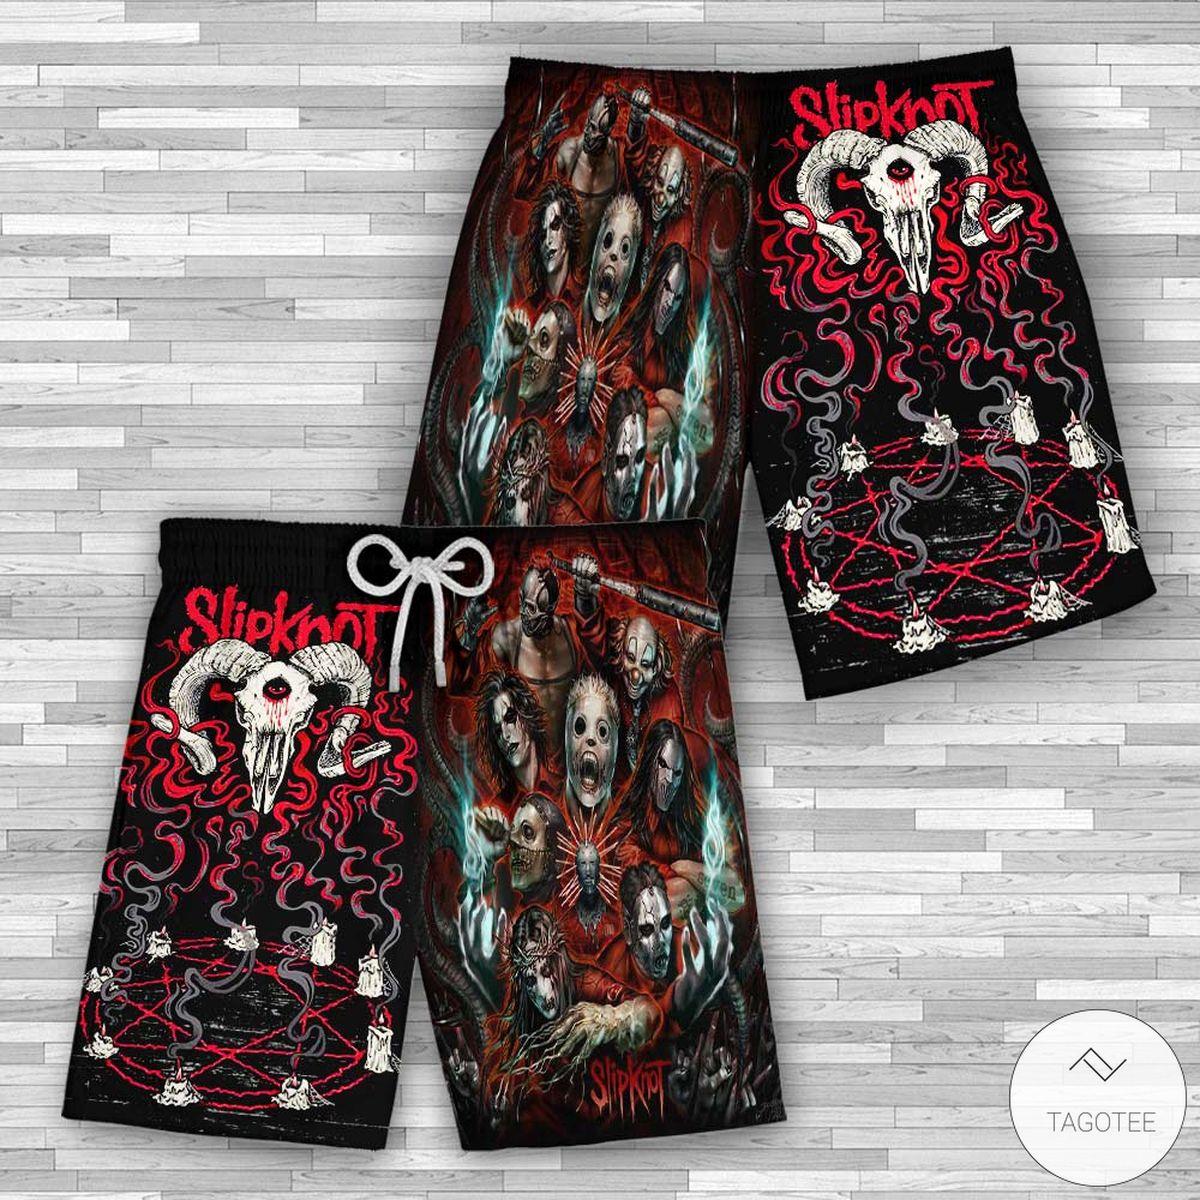 Slipknot Short